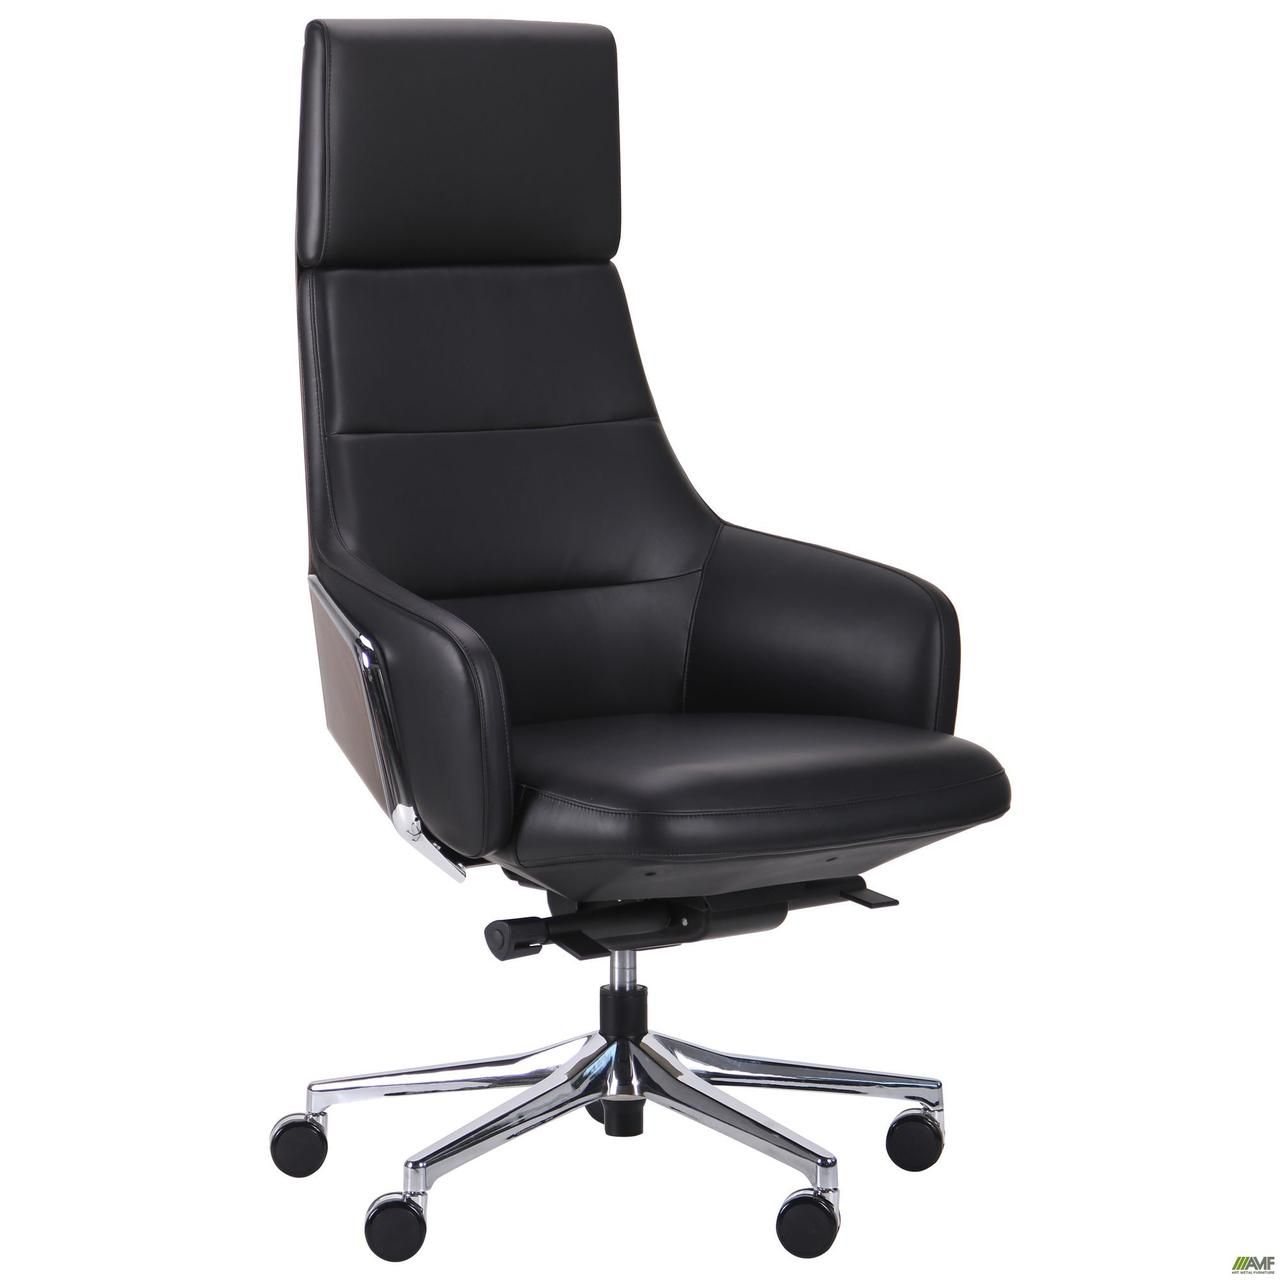 Кресло офисное кожаное AMF Dominant HB чёрное